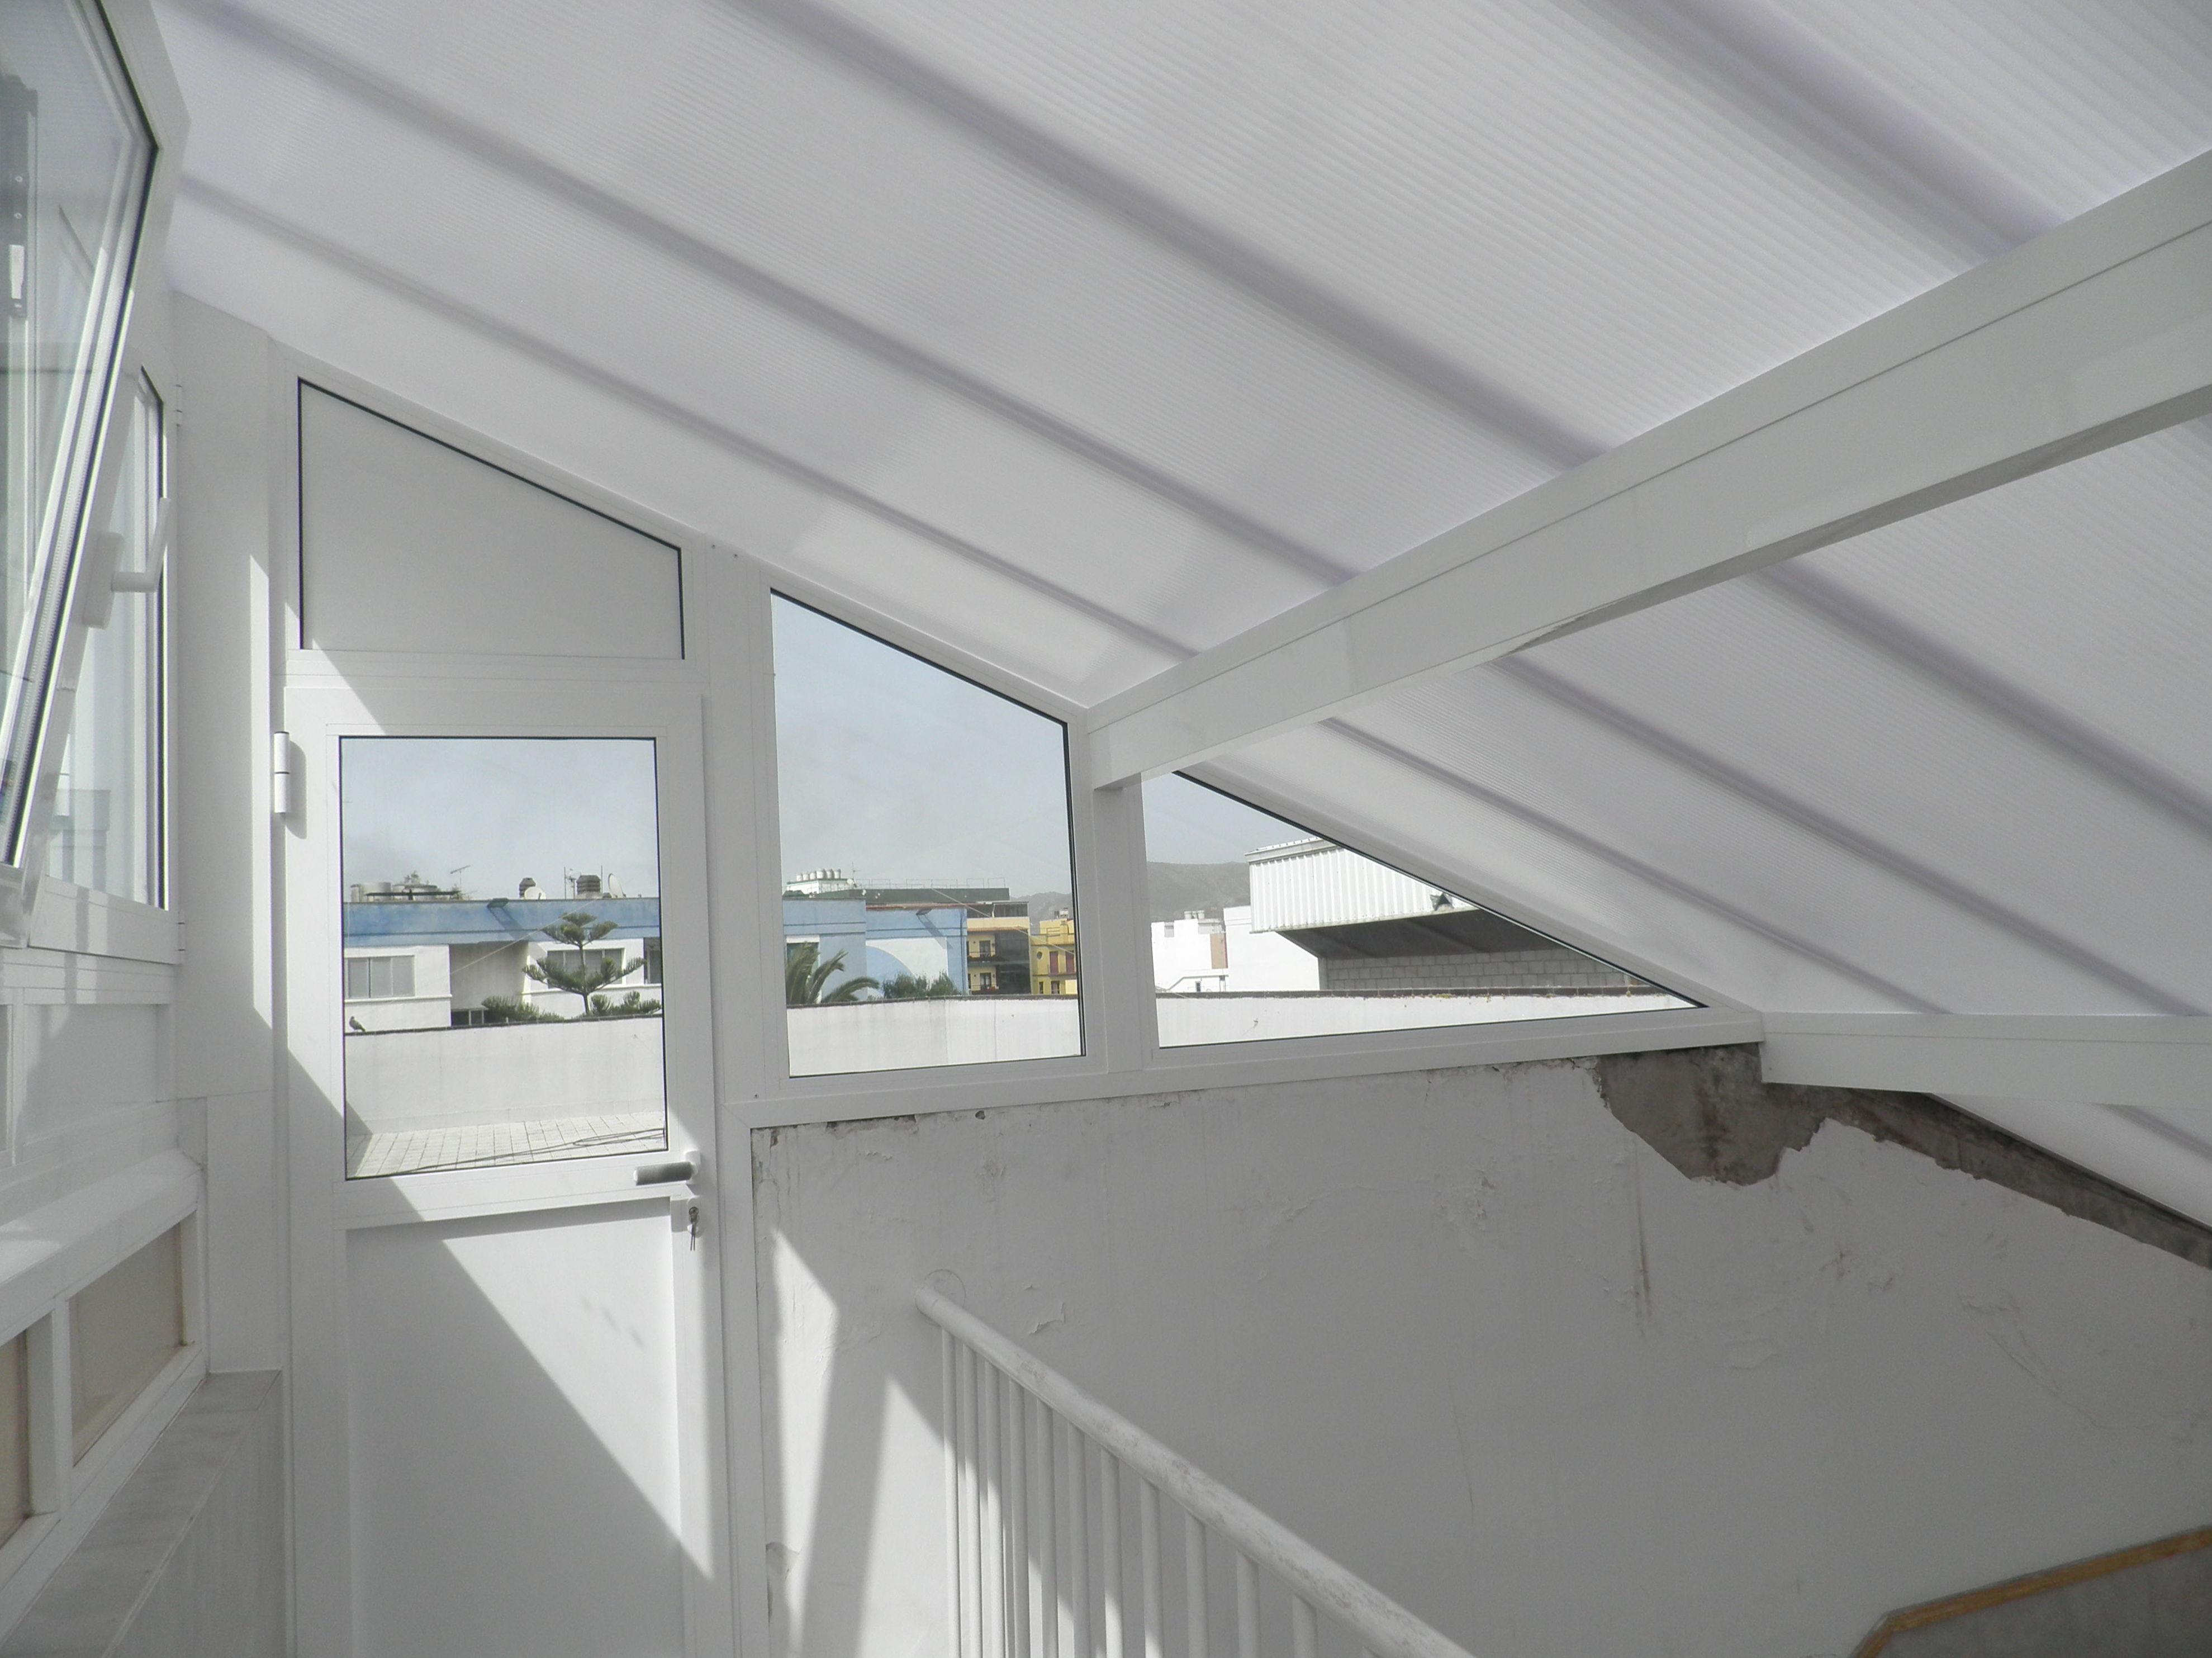 Instalación de techos de aluminio en Santa Cruz de Tenerife